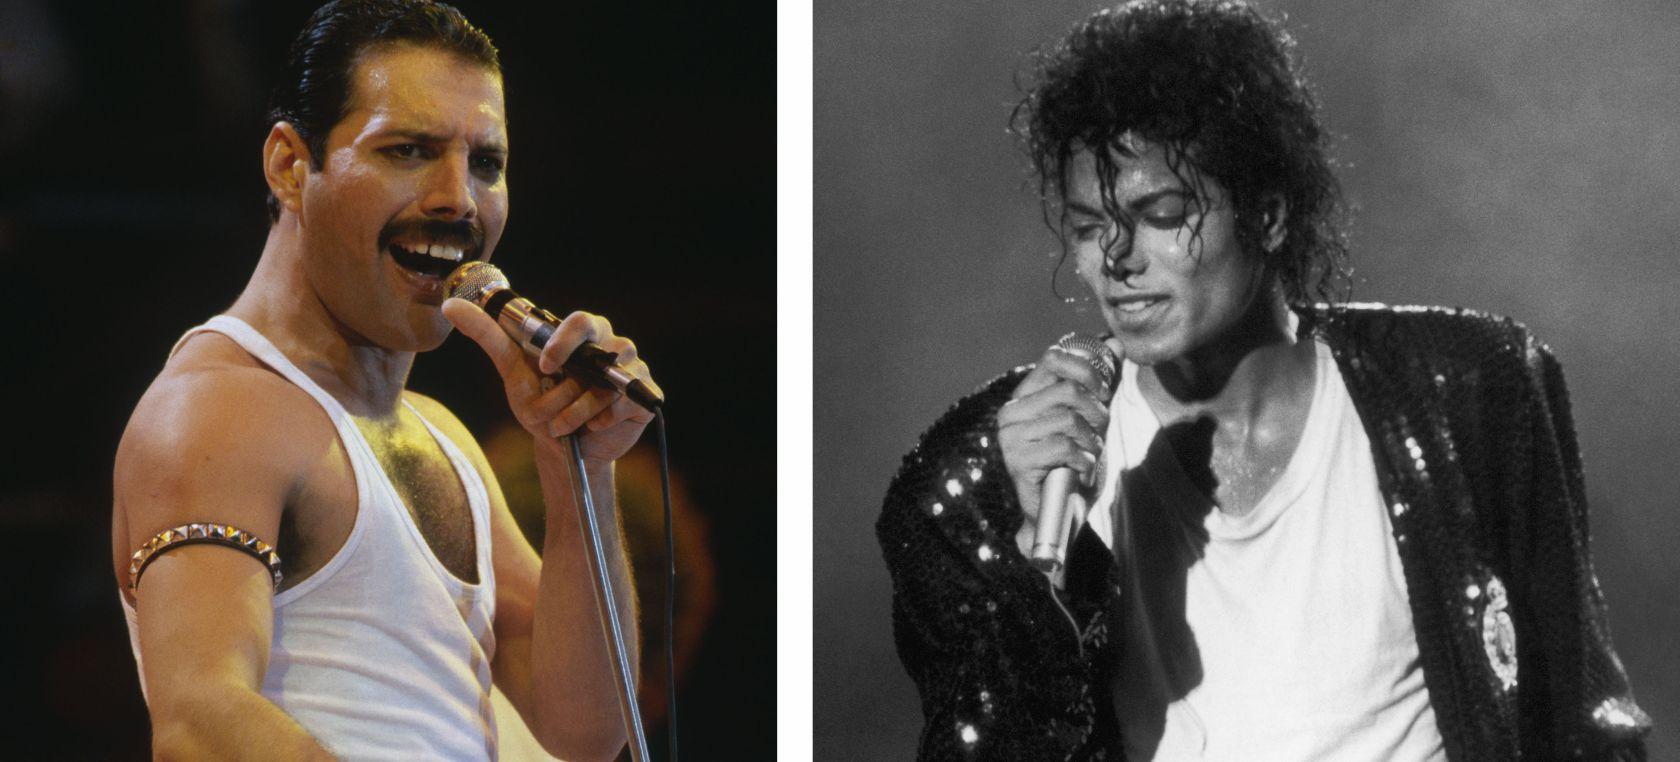 Esto es lo que pasó en la cena que compartieron Freddie Mercury y Michael Jackson